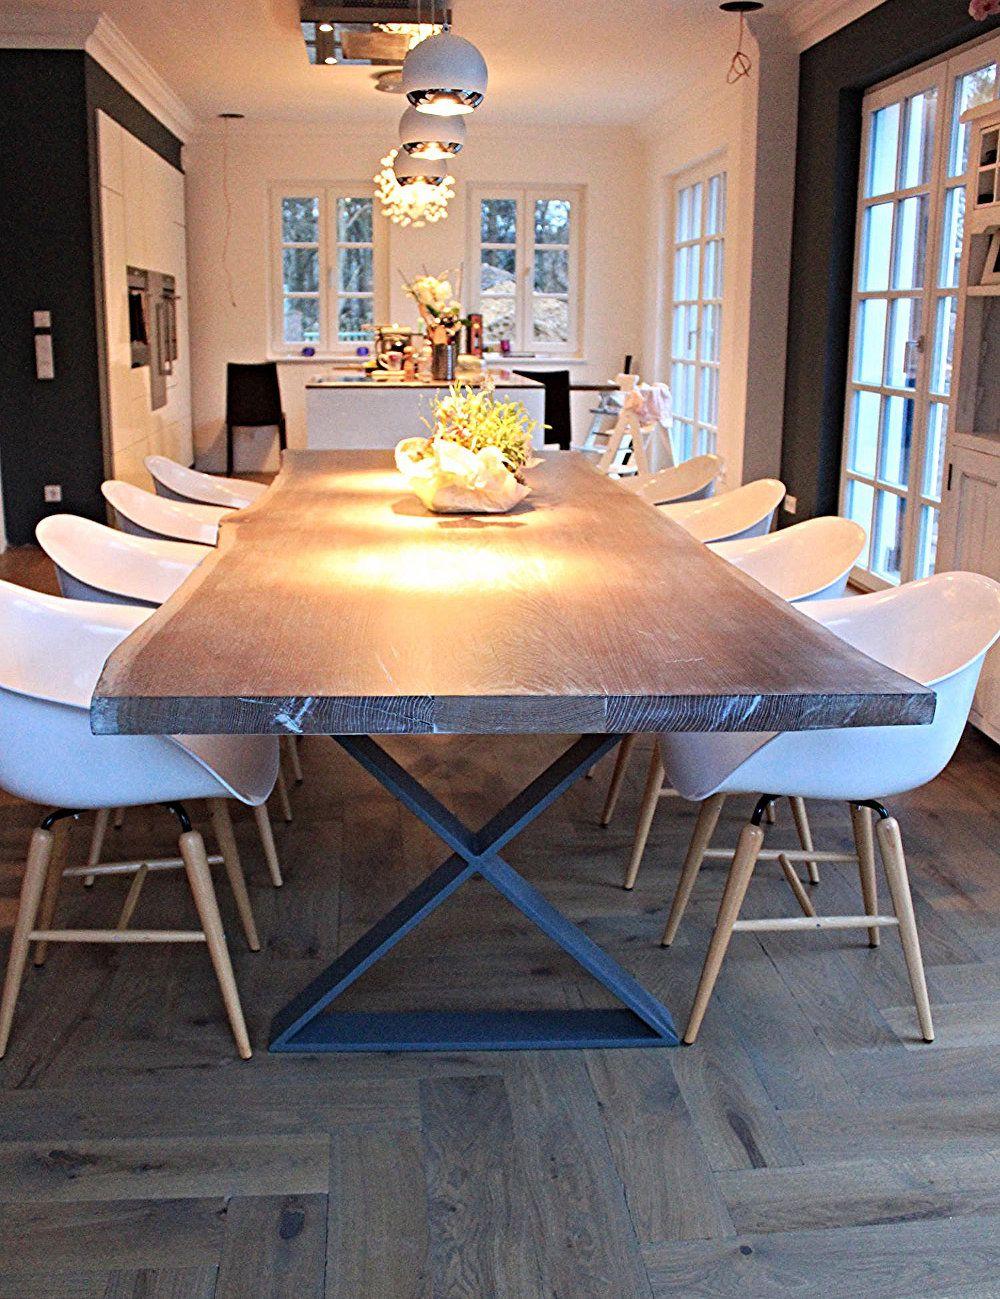 massivholztisch eichentisch esstisch holztisch designtisch. Black Bedroom Furniture Sets. Home Design Ideas